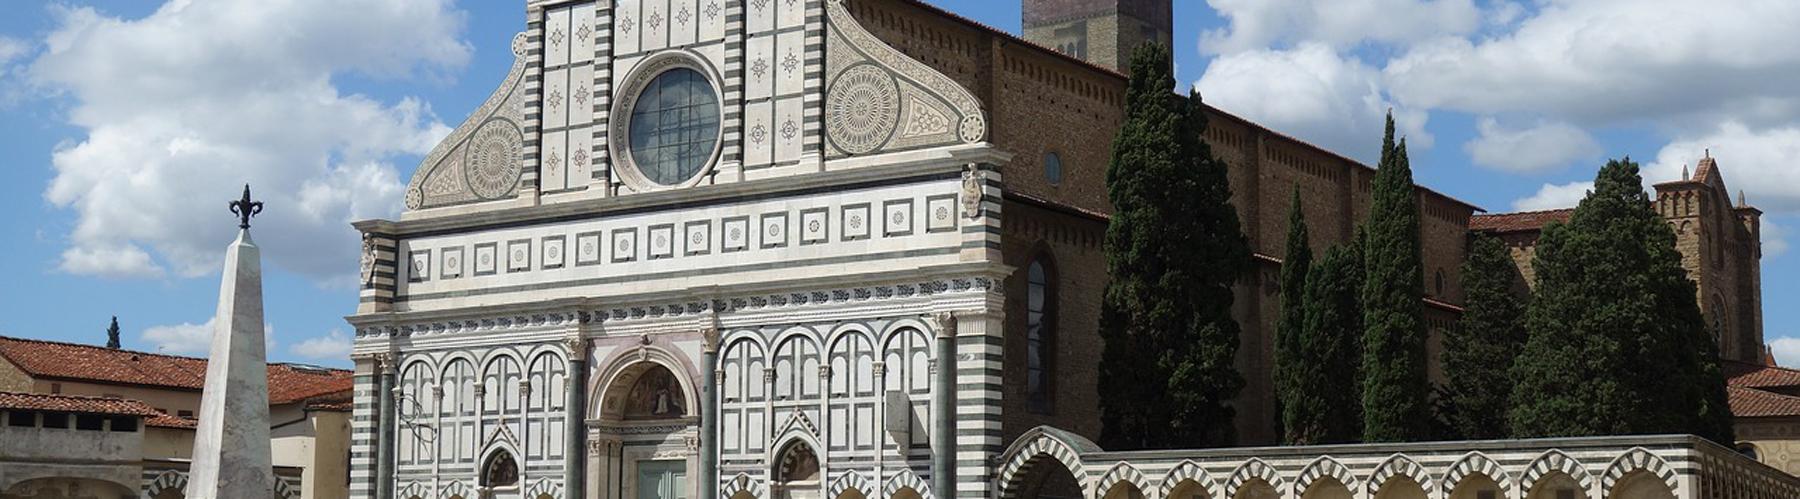 피렌체 - Santa Maria Novella에 가까운 아파트. 피렌체의 지도, 피렌체에 위치한 아파트에 대한 사진 및 리뷰.